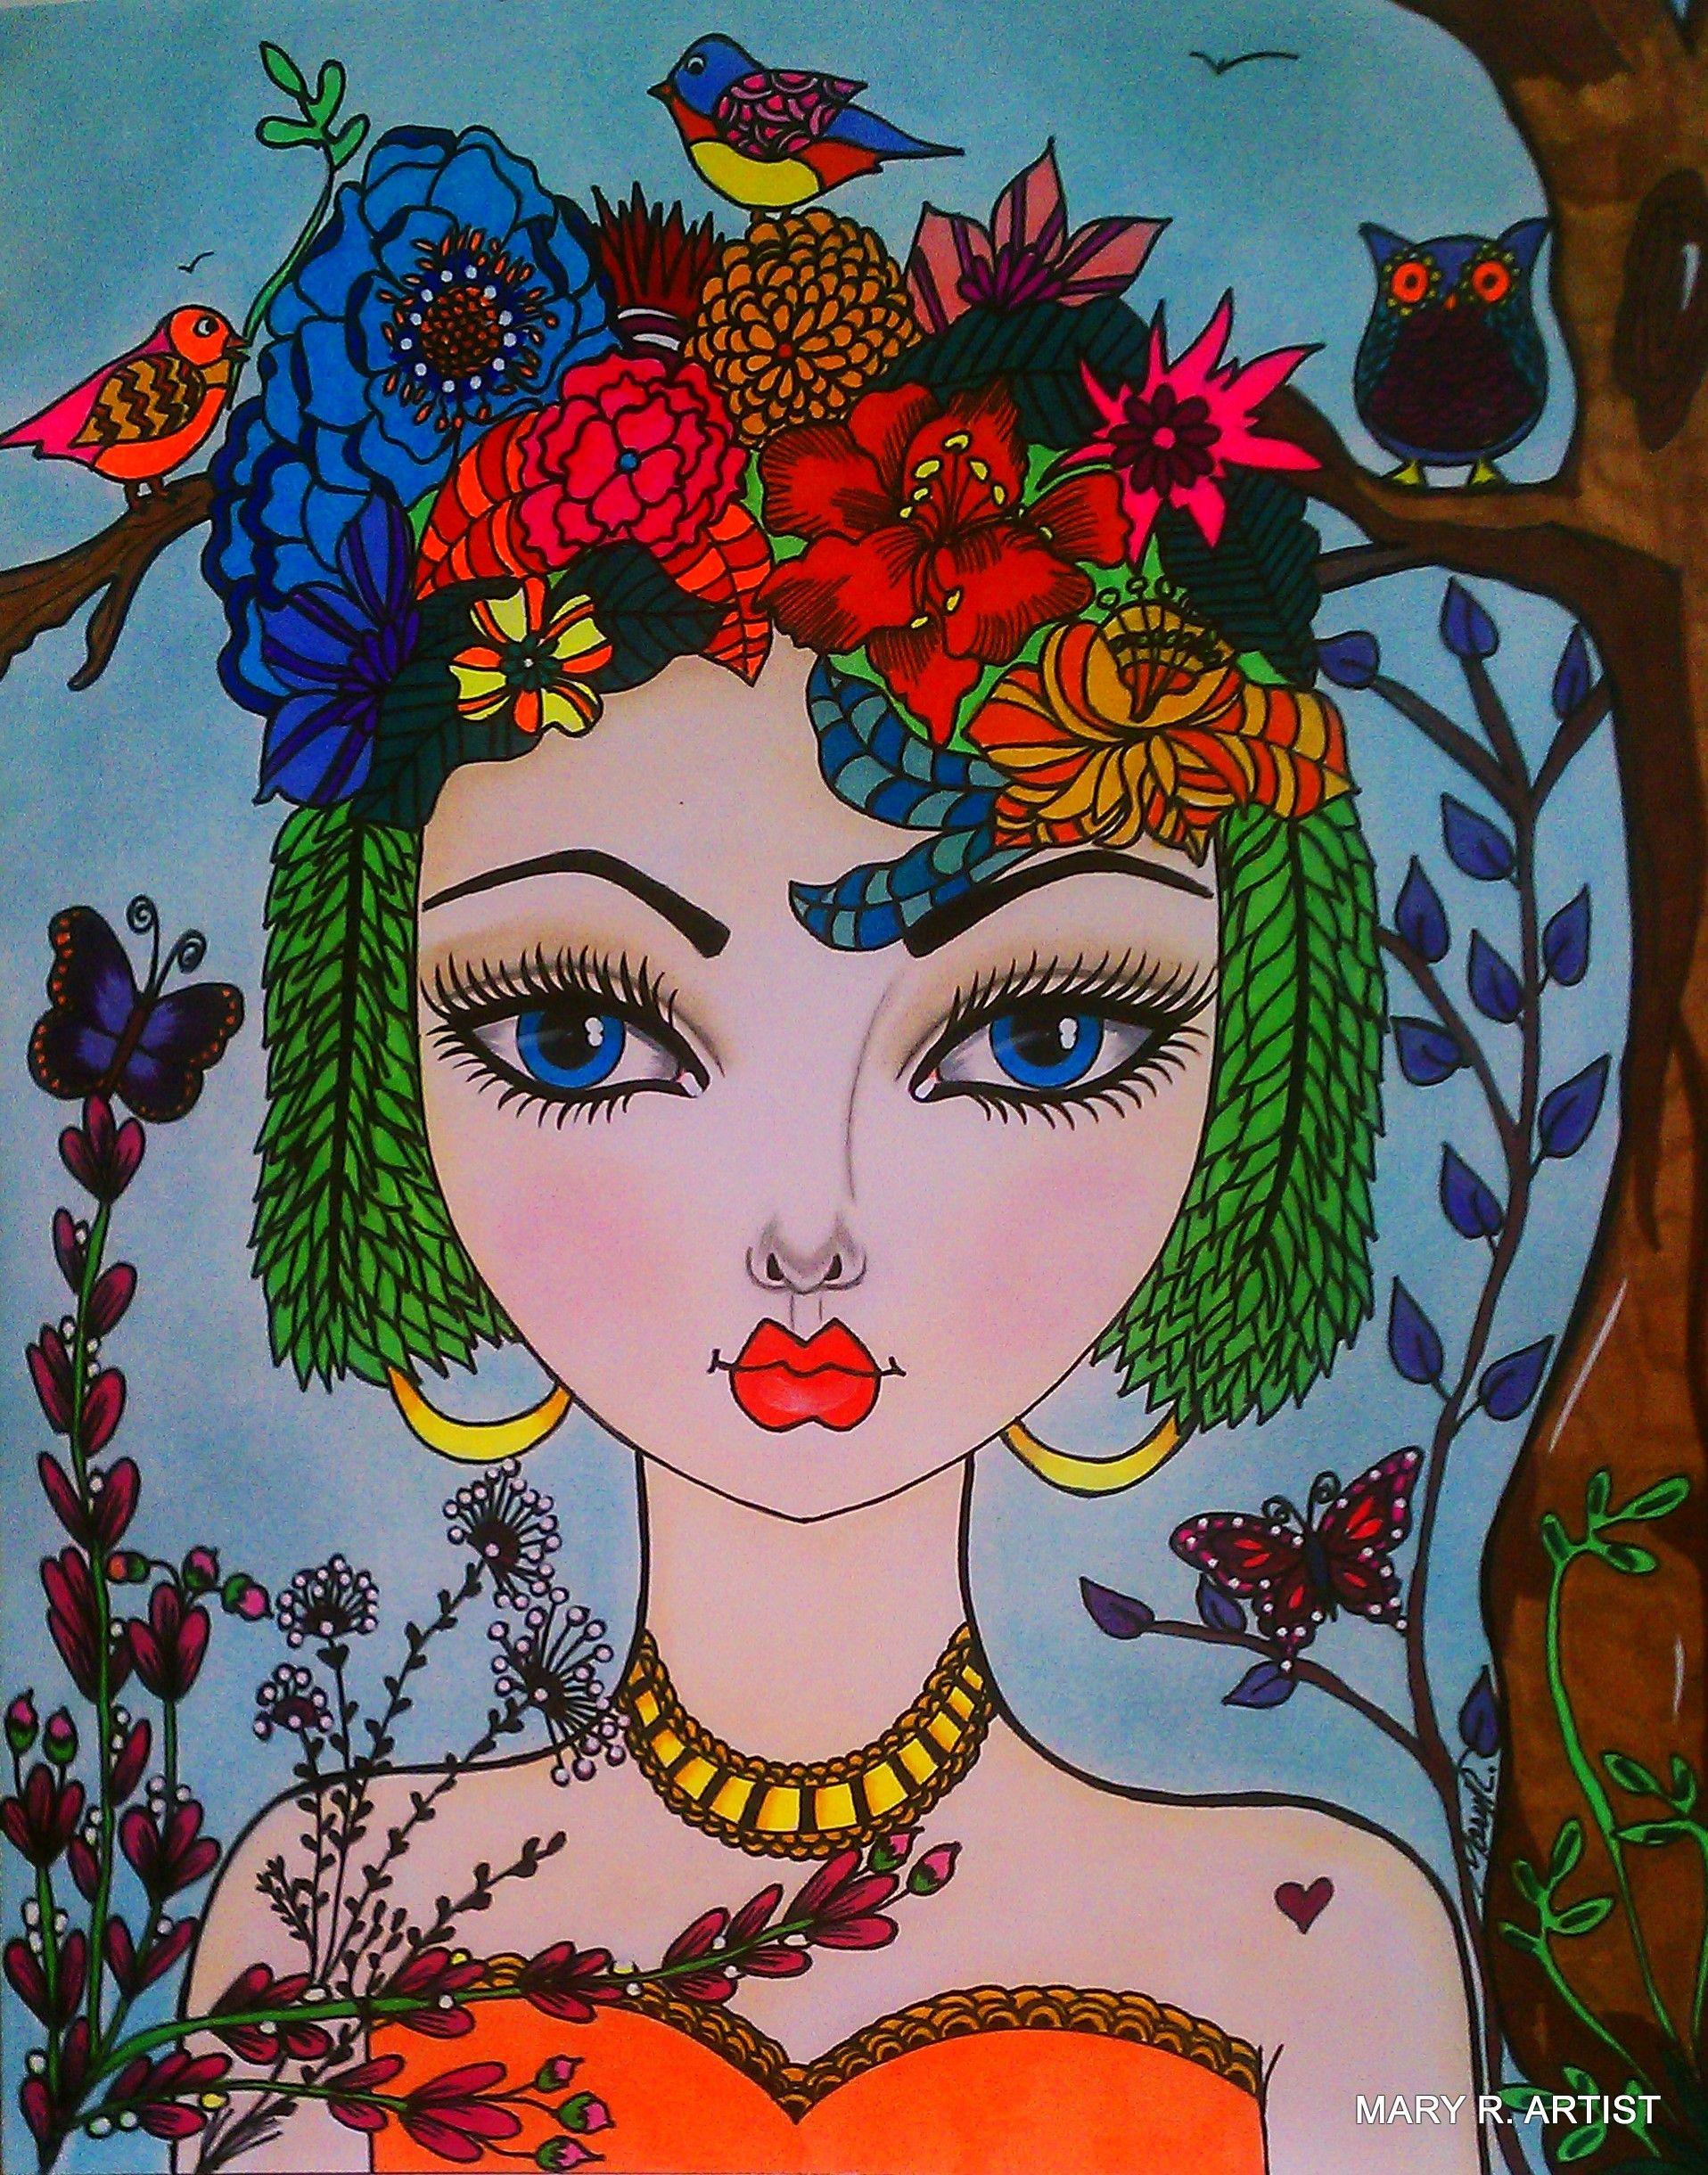 #WHIMSICAL GIRL # ART # BIG EYES ART